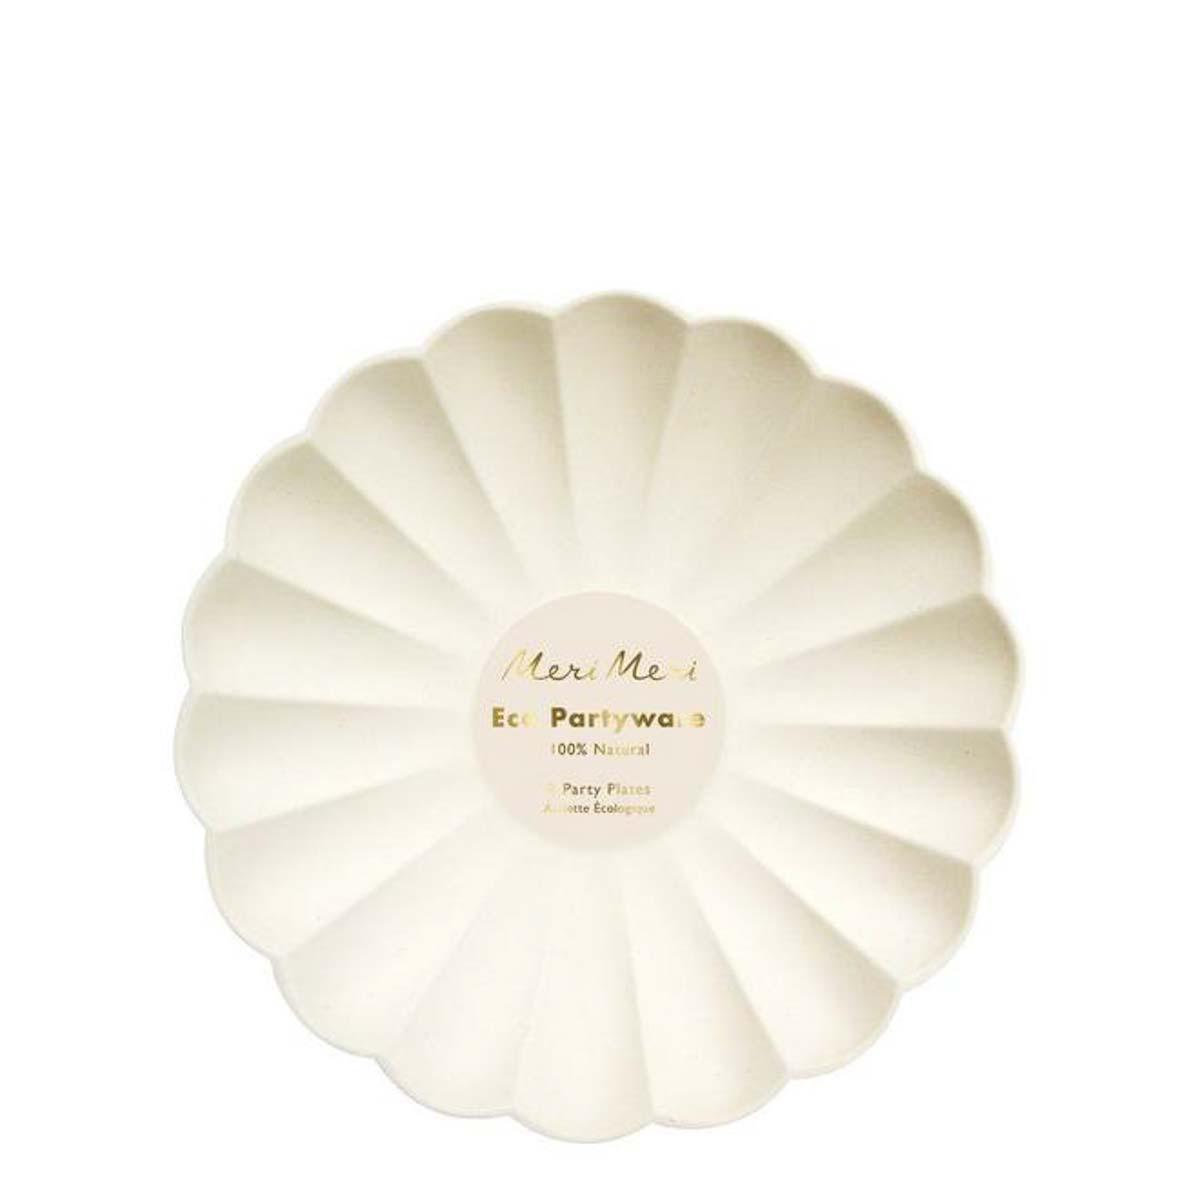 Piatti piccoli Cream Simply Eco